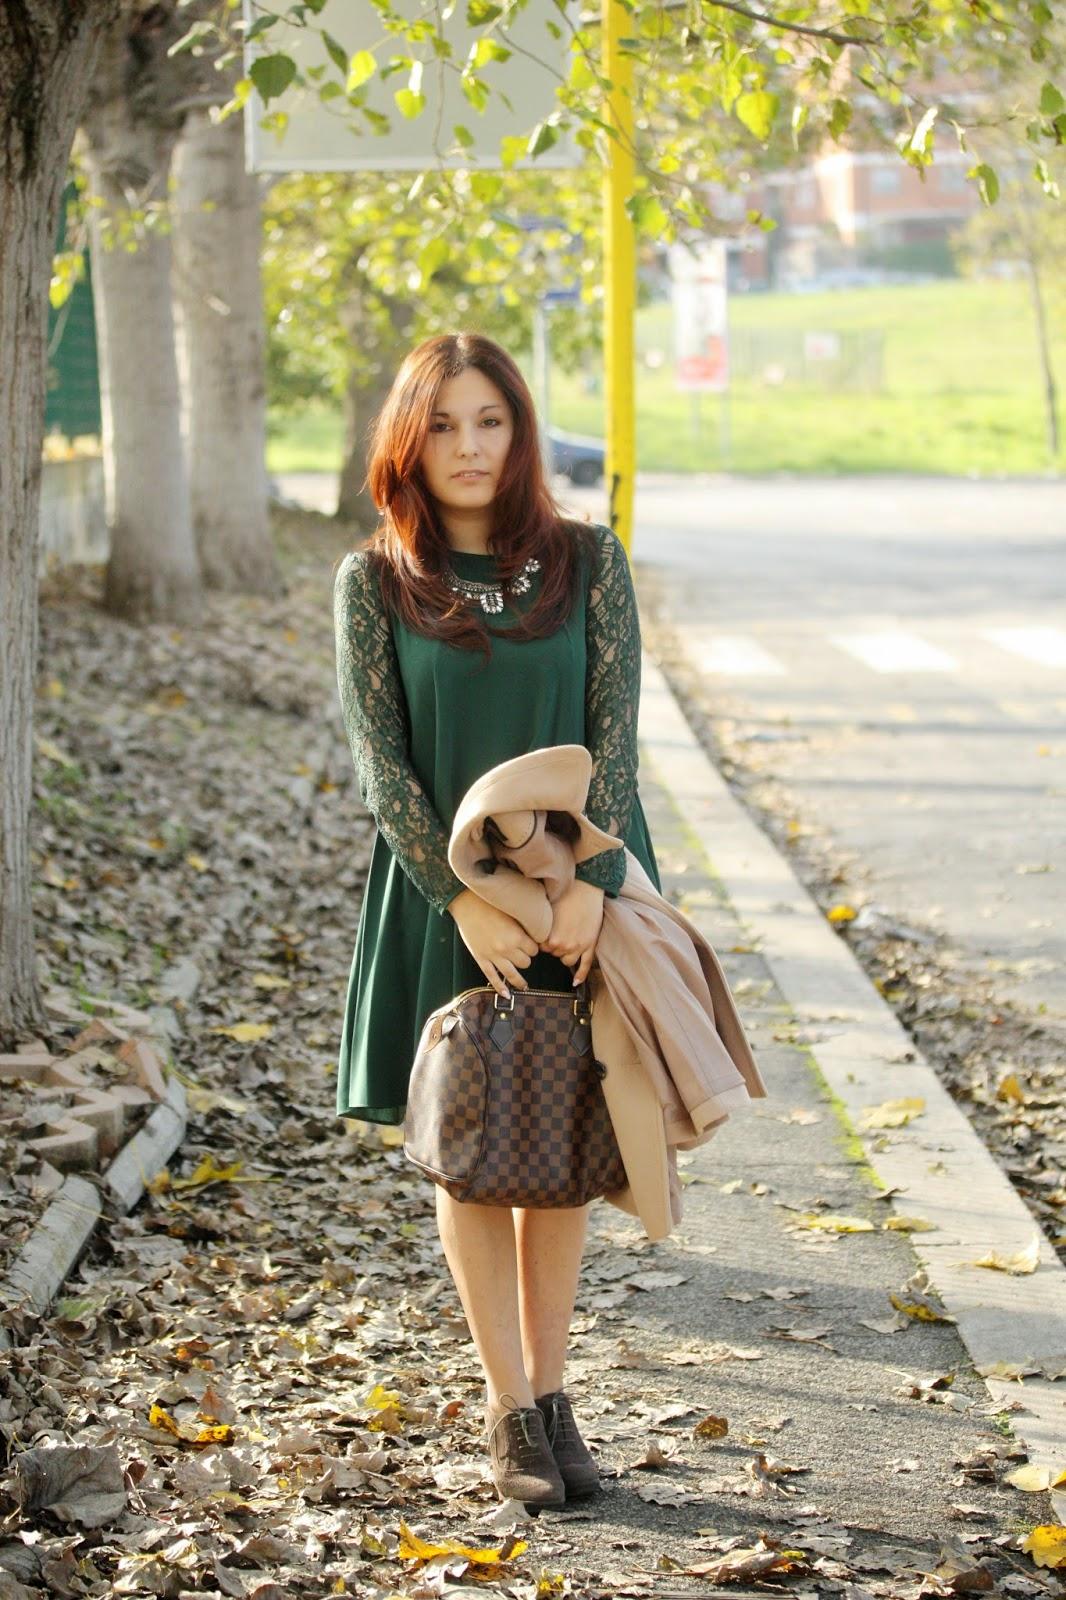 Capelli in abito collana gioiello verde e rosso Only Shopping OTafOr